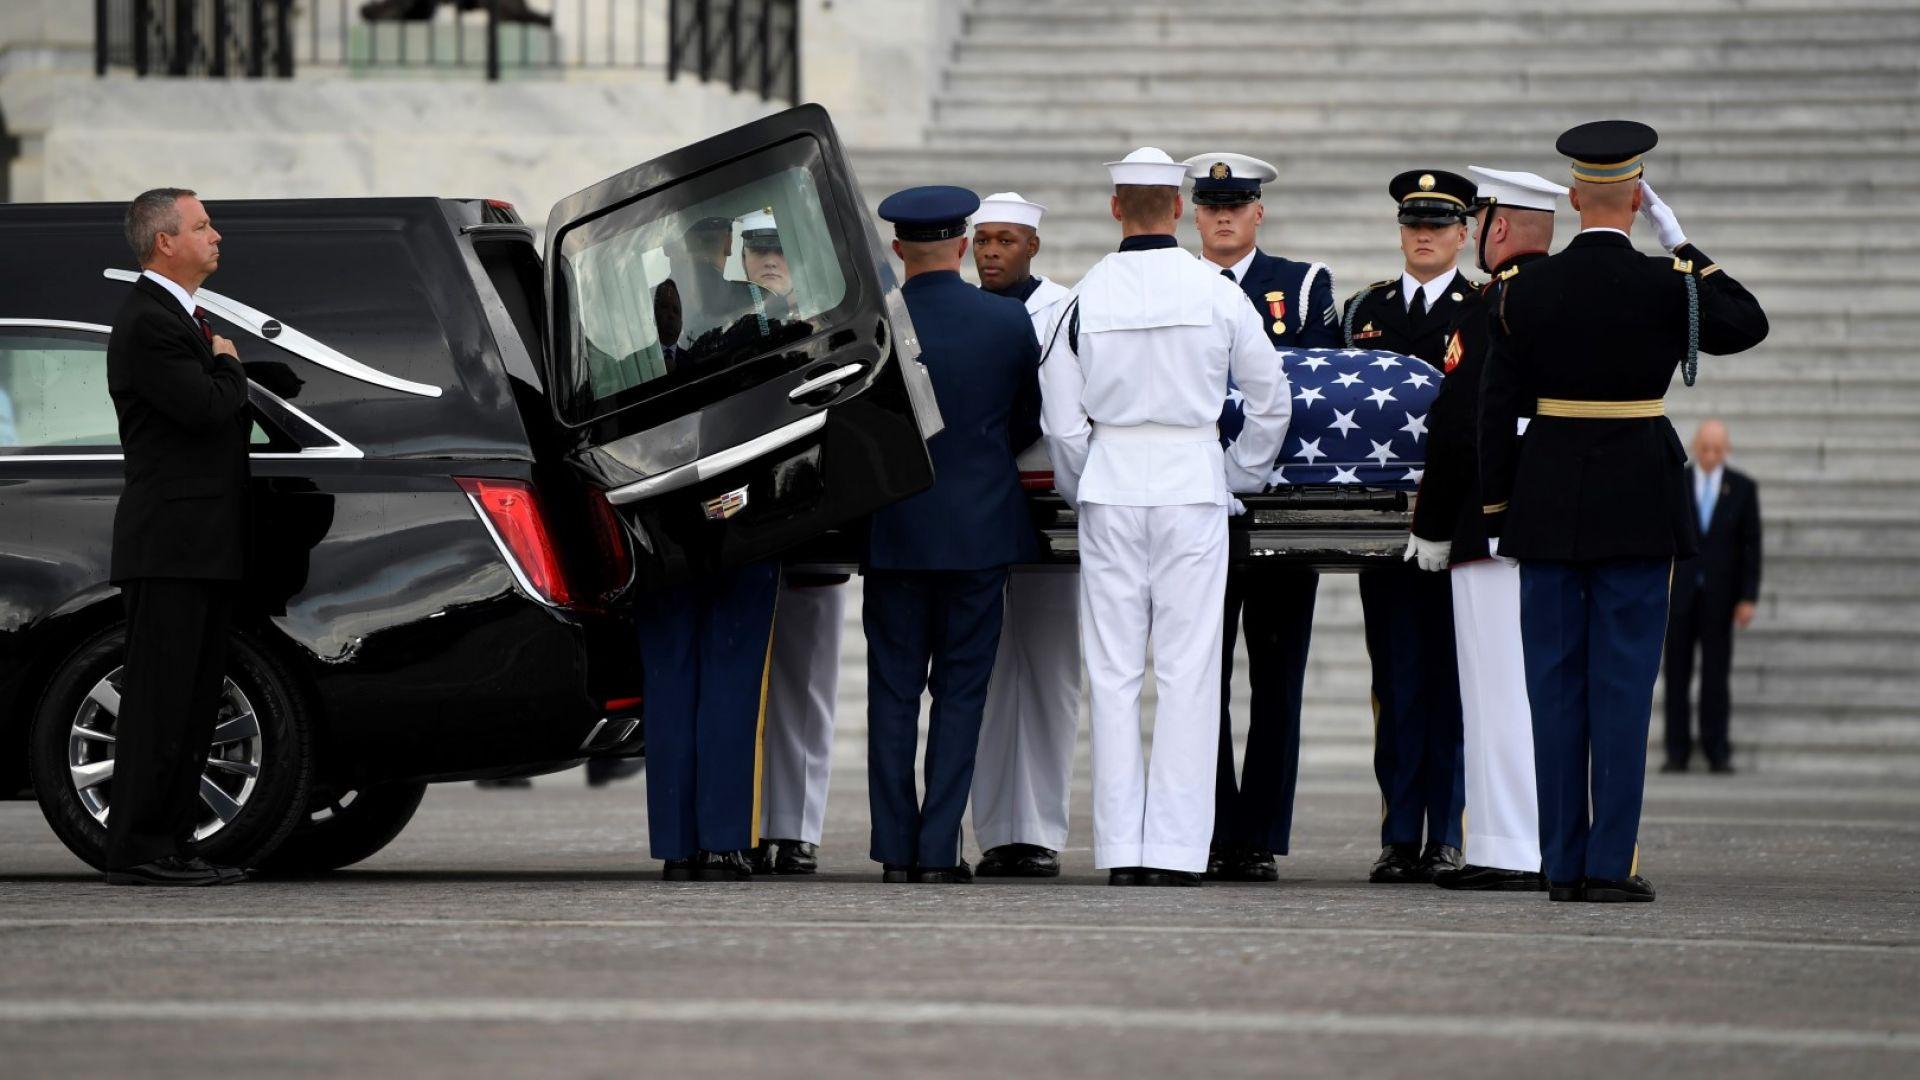 Джон Маккейн бе погребан във Военноморската академия в Анаполис